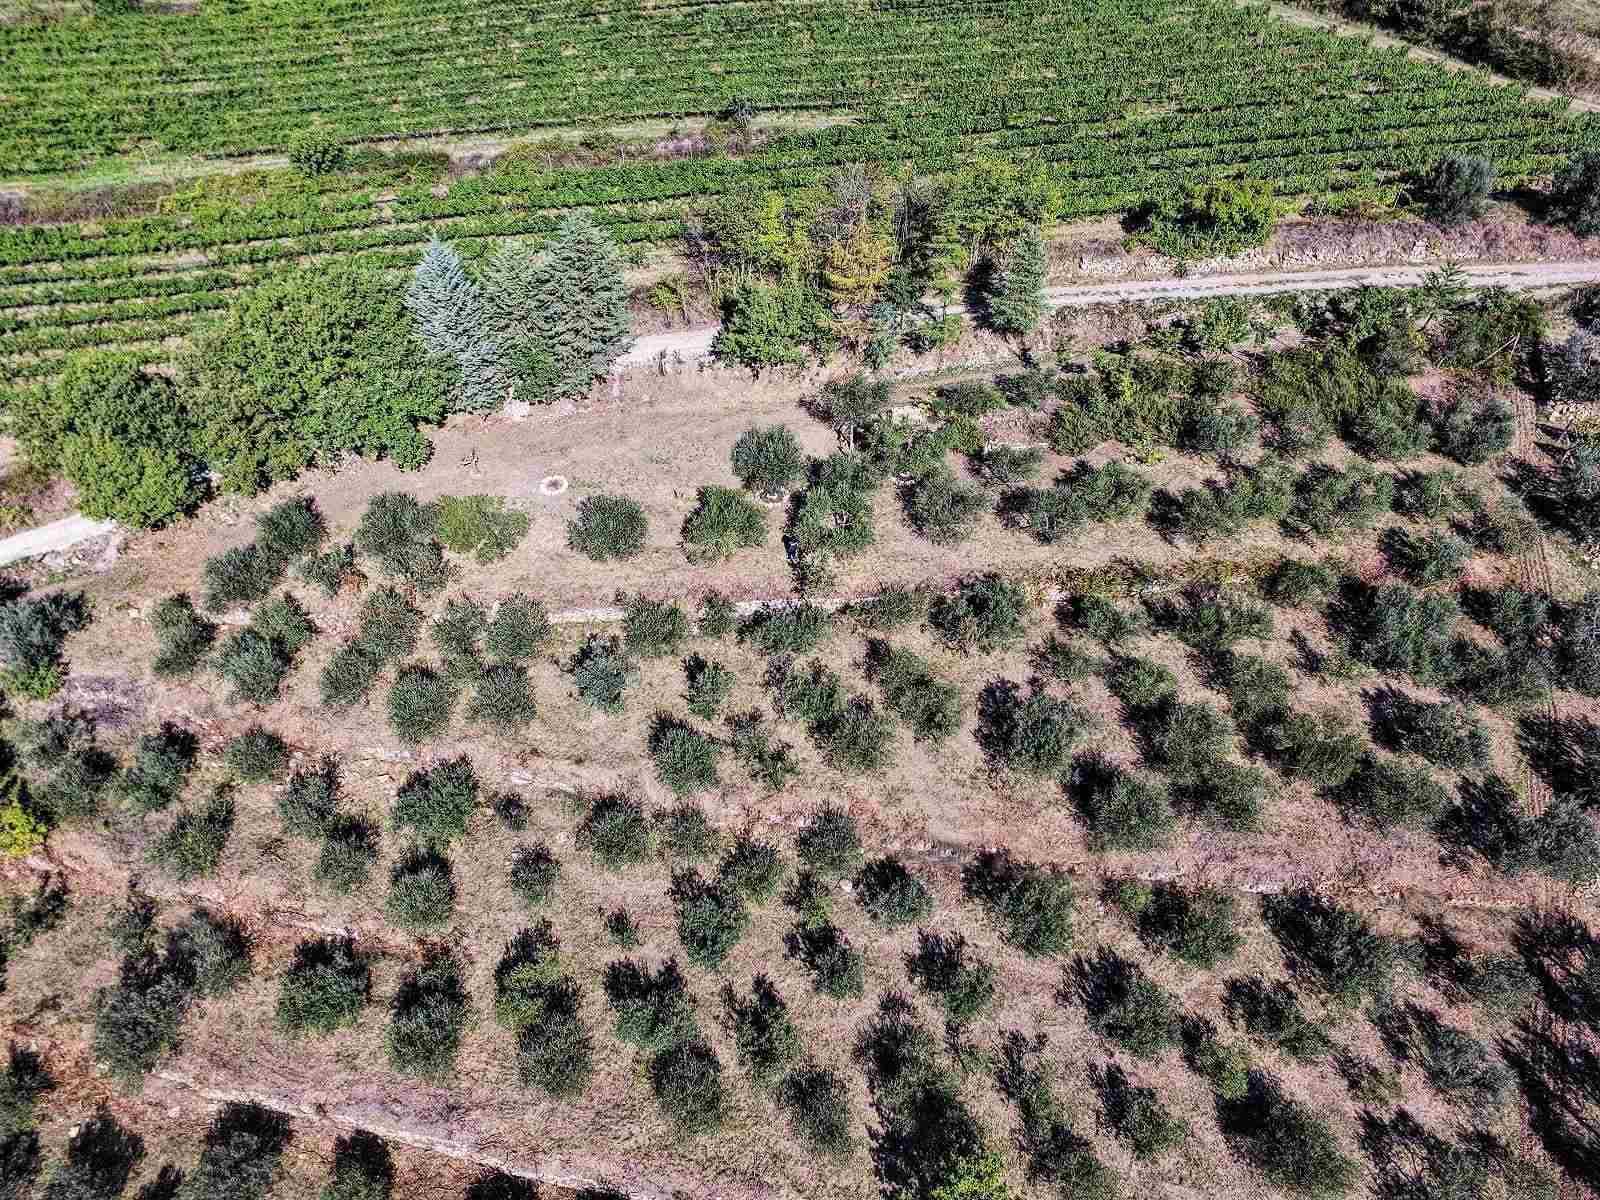 In Loc. Botti - terreno di mq. 7100 con 180 piante di olivo e mq. 1000 di bosco con adiacente ruscello. E' possibile realizzare un'abitazione fuori